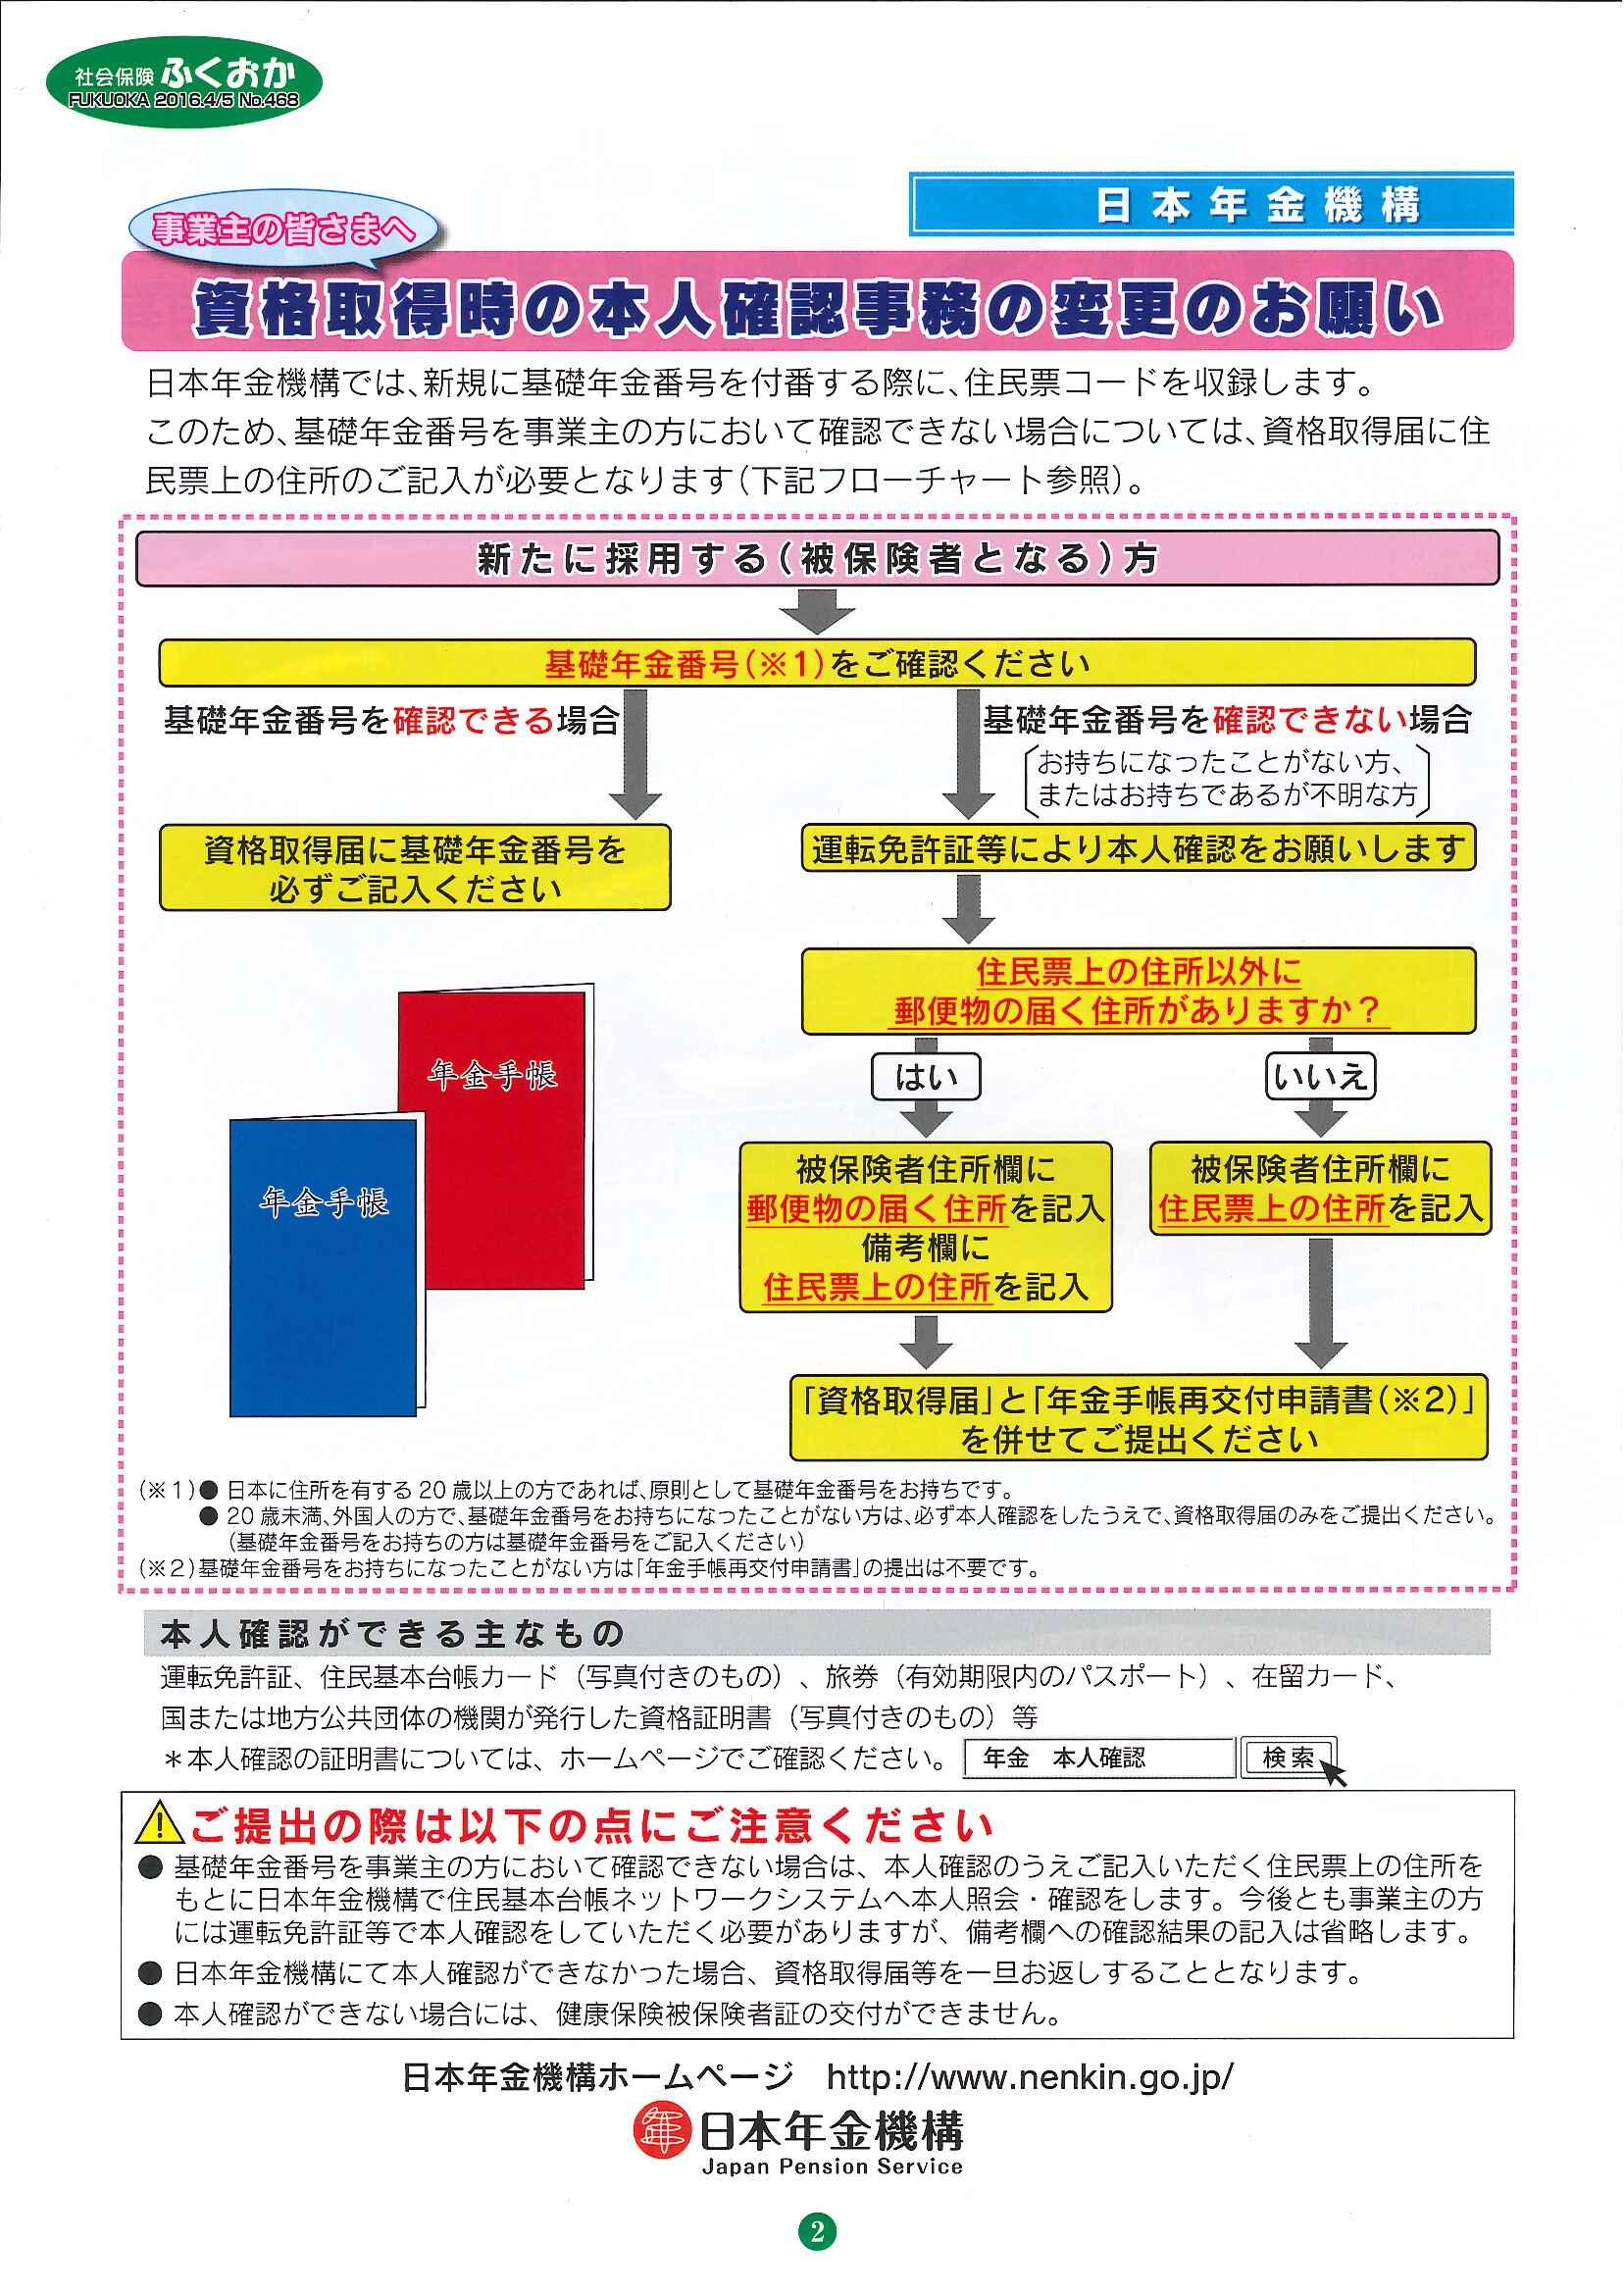 社会保険 ふくおか 2016年4・5月号_f0120774_13325534.jpg